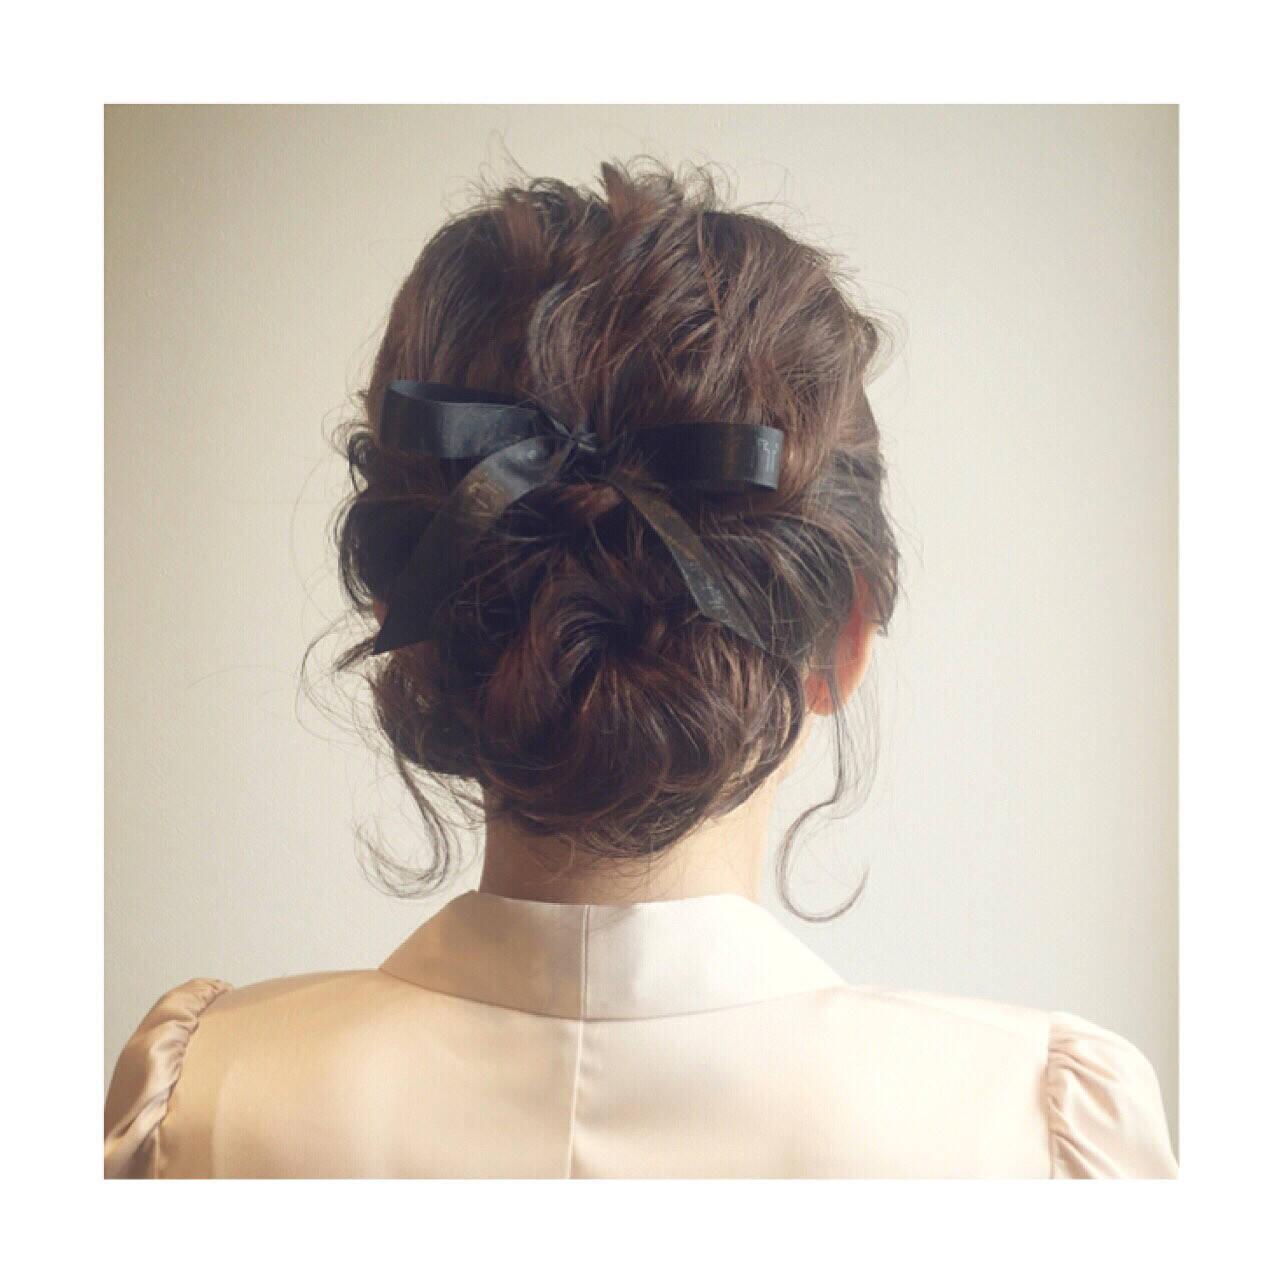 クラシカル ヘアアレンジ ロープ編み パーティヘアスタイルや髪型の写真・画像